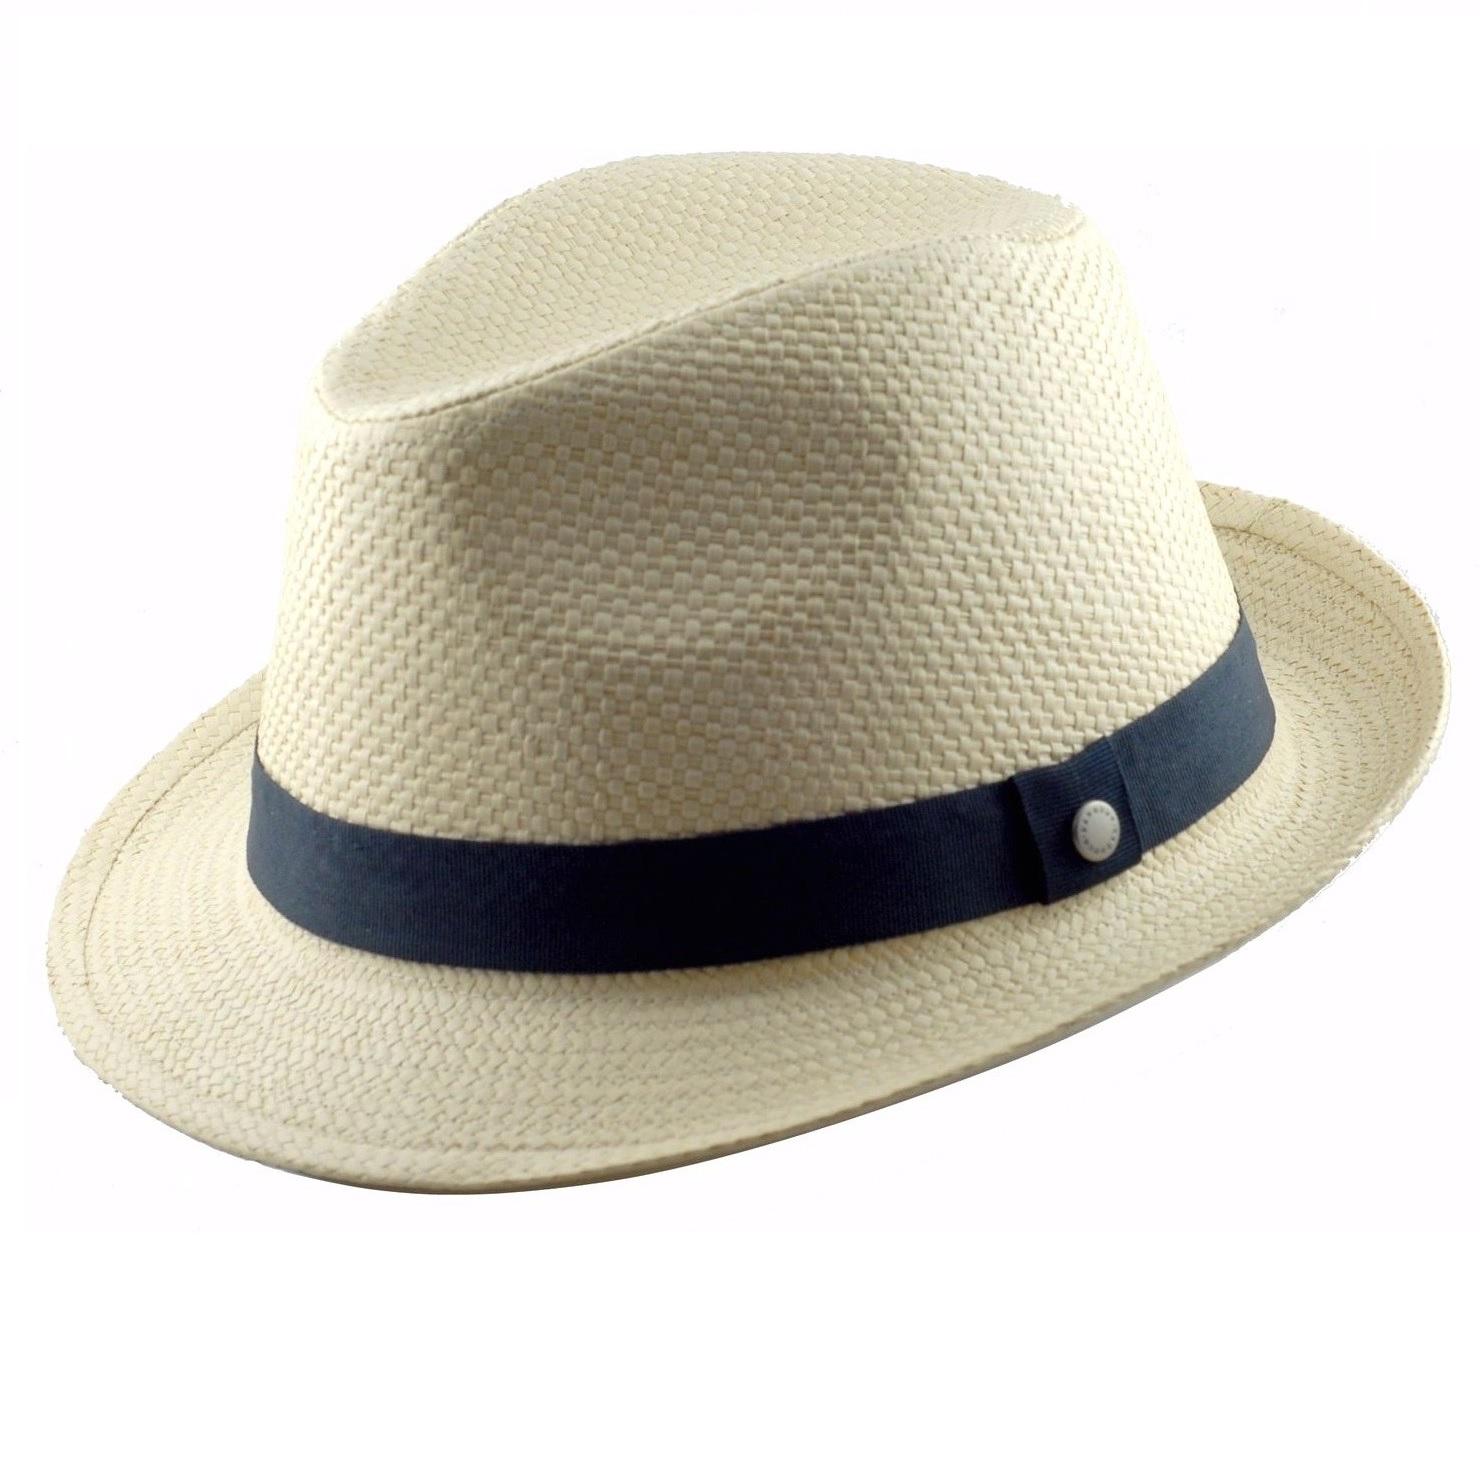 Barbour Emblem Natural Trilby Hat  ee8d28f1171